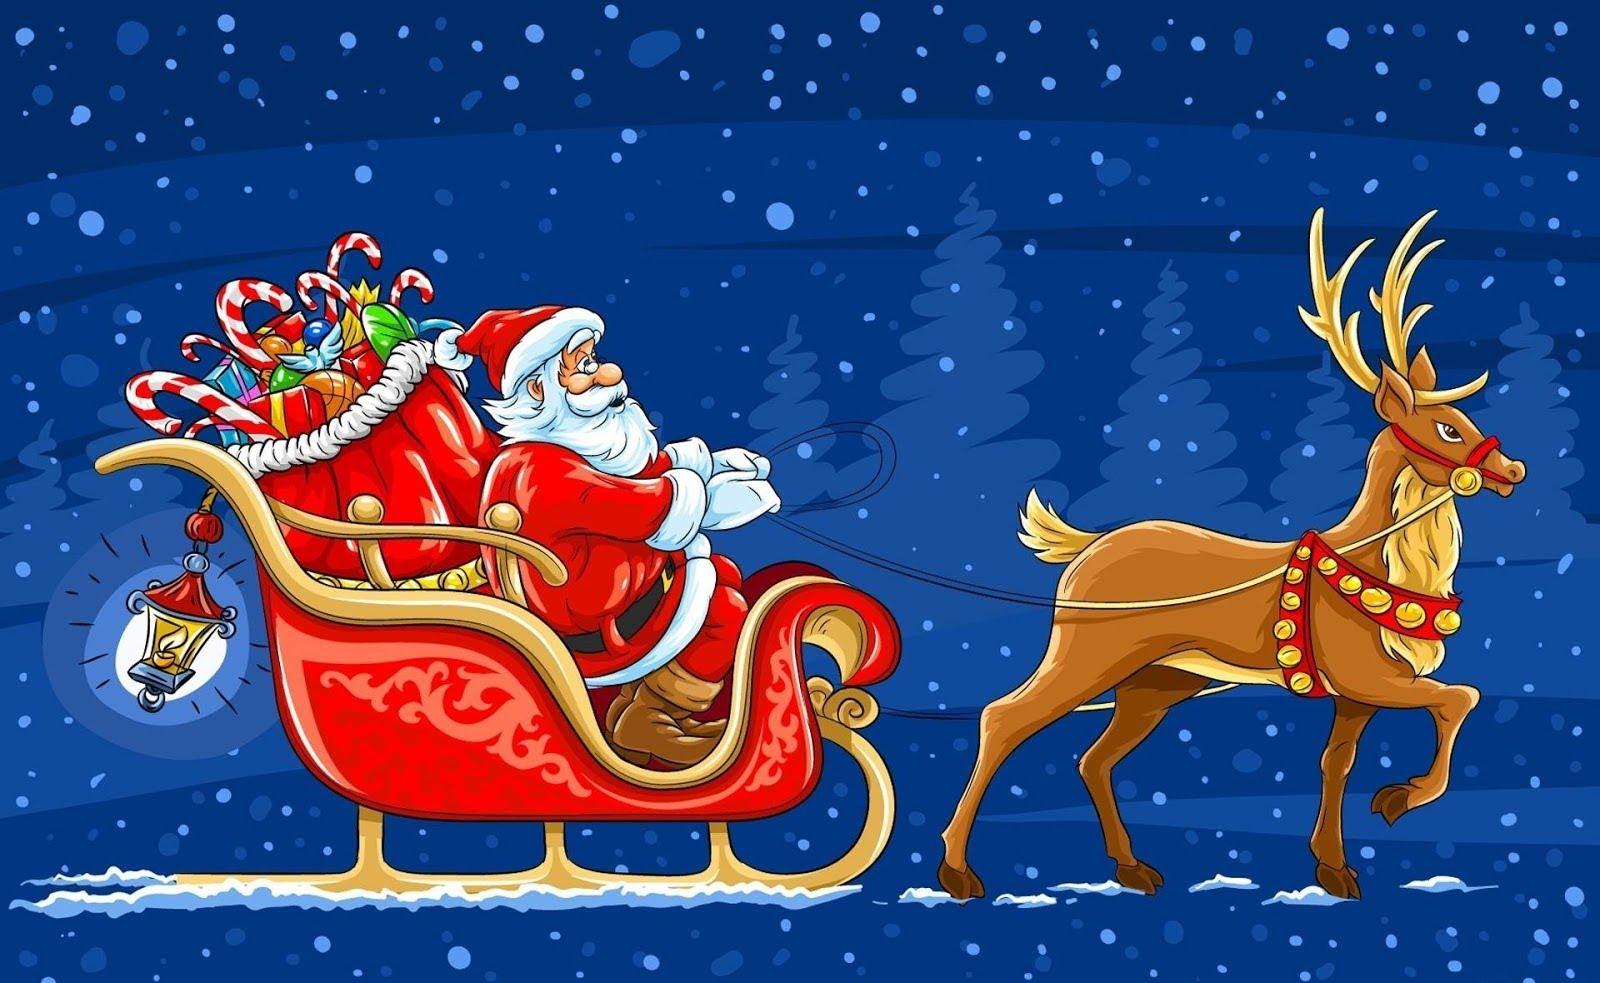 llamar a Santa Claus